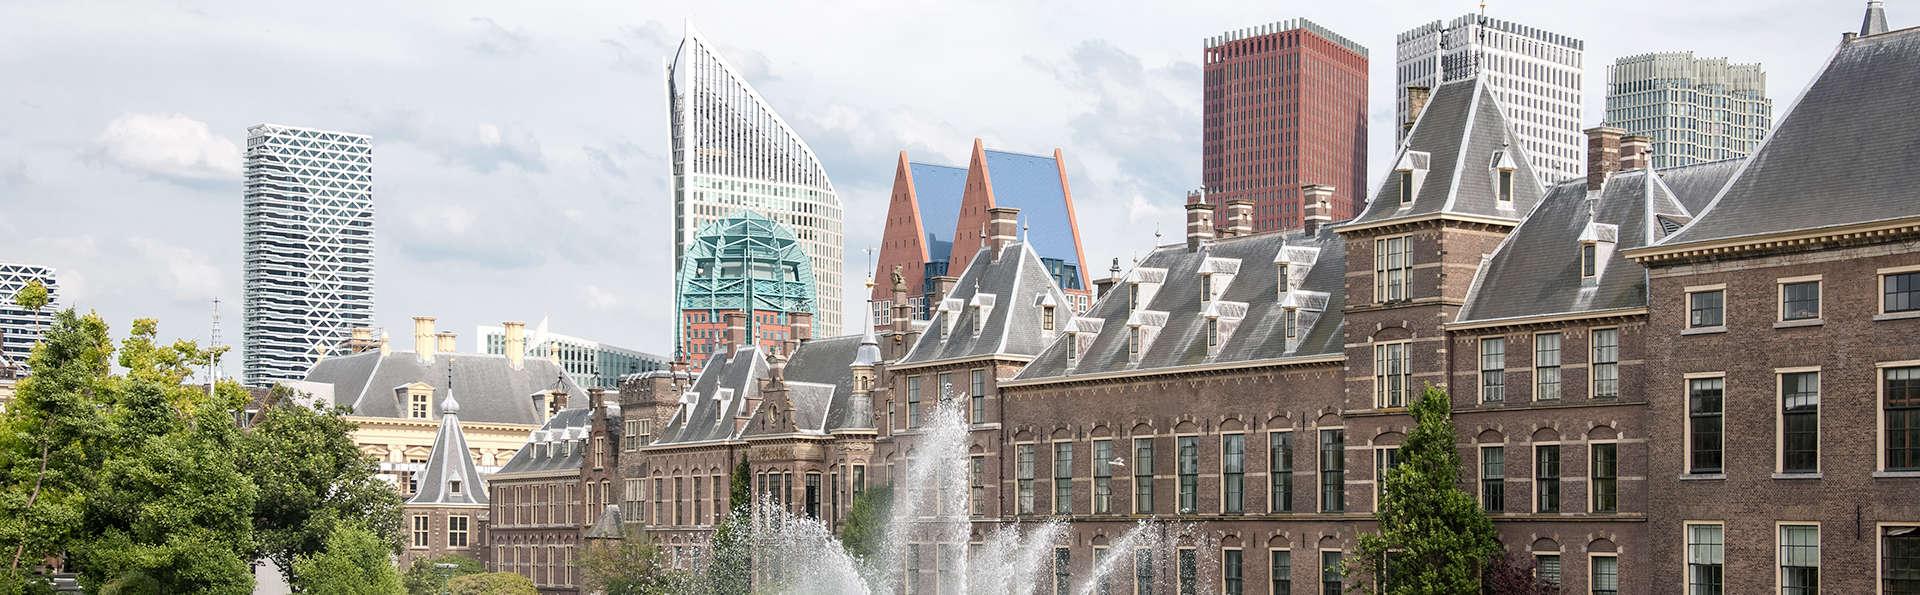 Ibis Styles Den Haag Scheveningen - edit_destination11.jpg